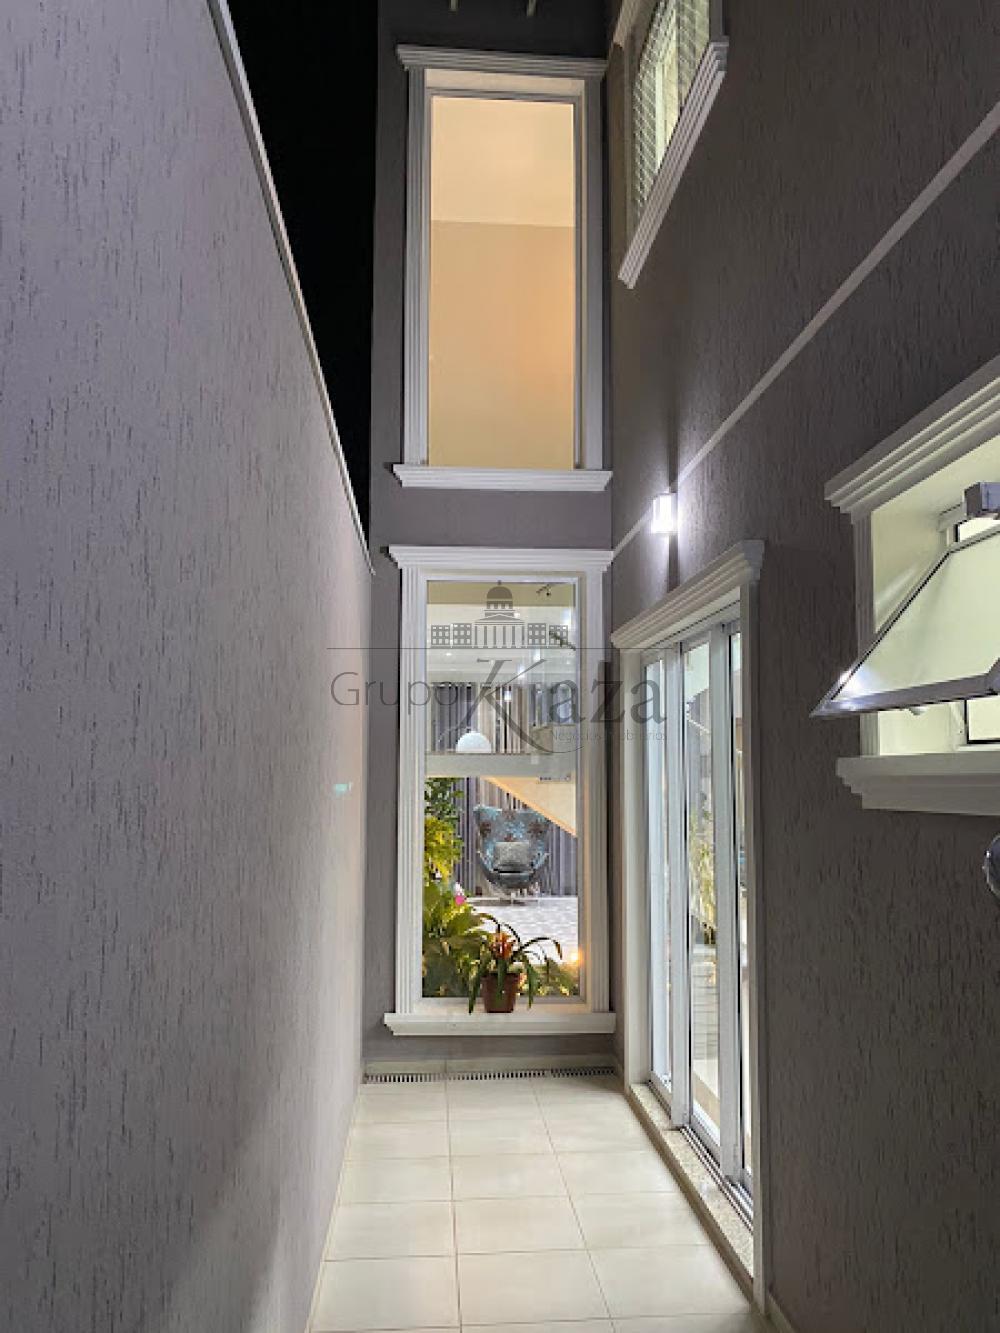 alt='Comprar Casa / Sobrado em São José dos Campos R$ 750.000,00 - Foto 35' title='Comprar Casa / Sobrado em São José dos Campos R$ 750.000,00 - Foto 35'